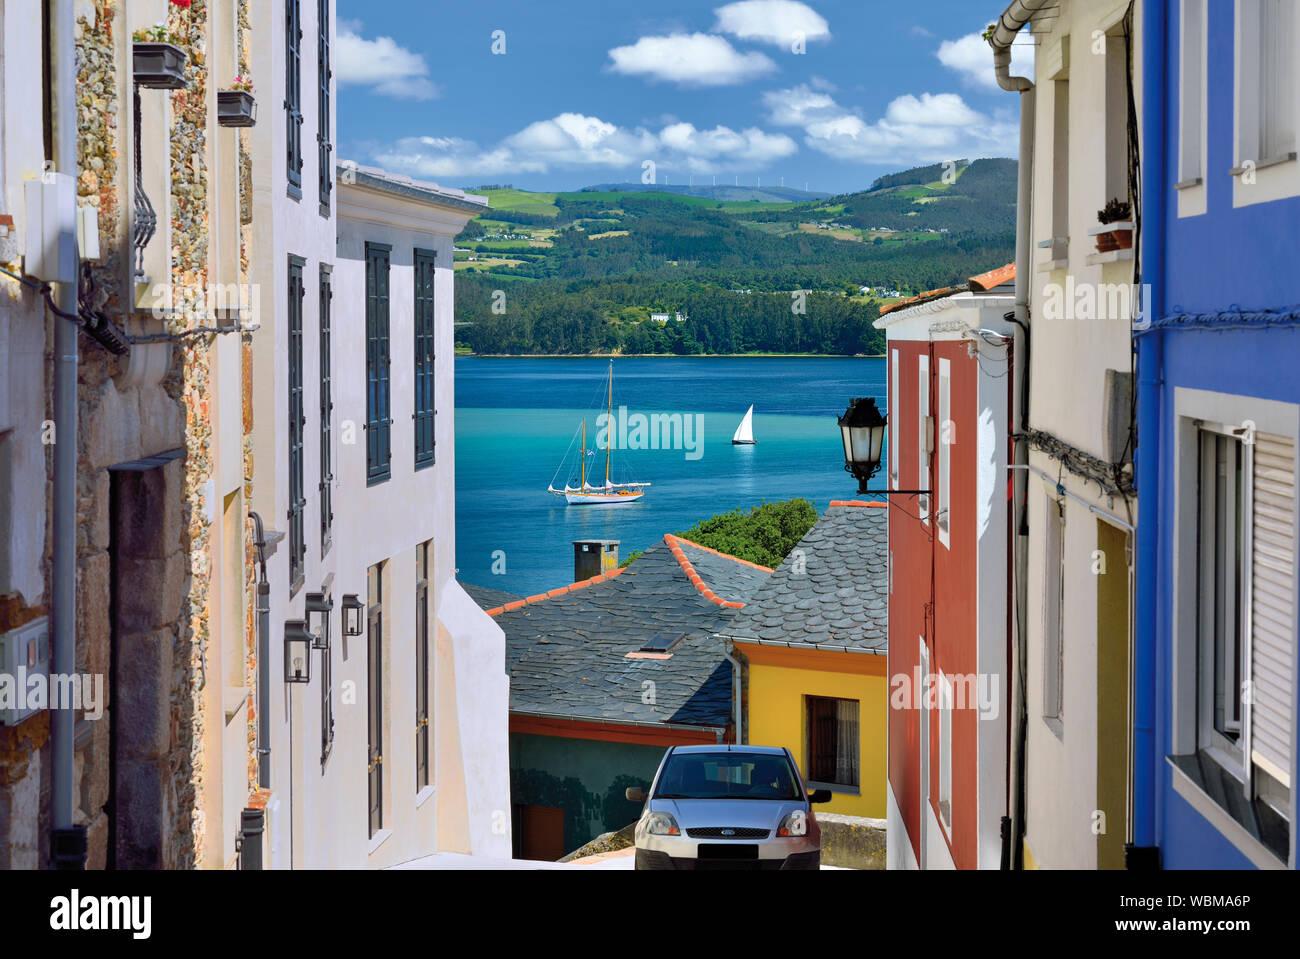 Hermosa vista desde un callejón estrecho a bahía con veleros fondeando en el agua Foto de stock